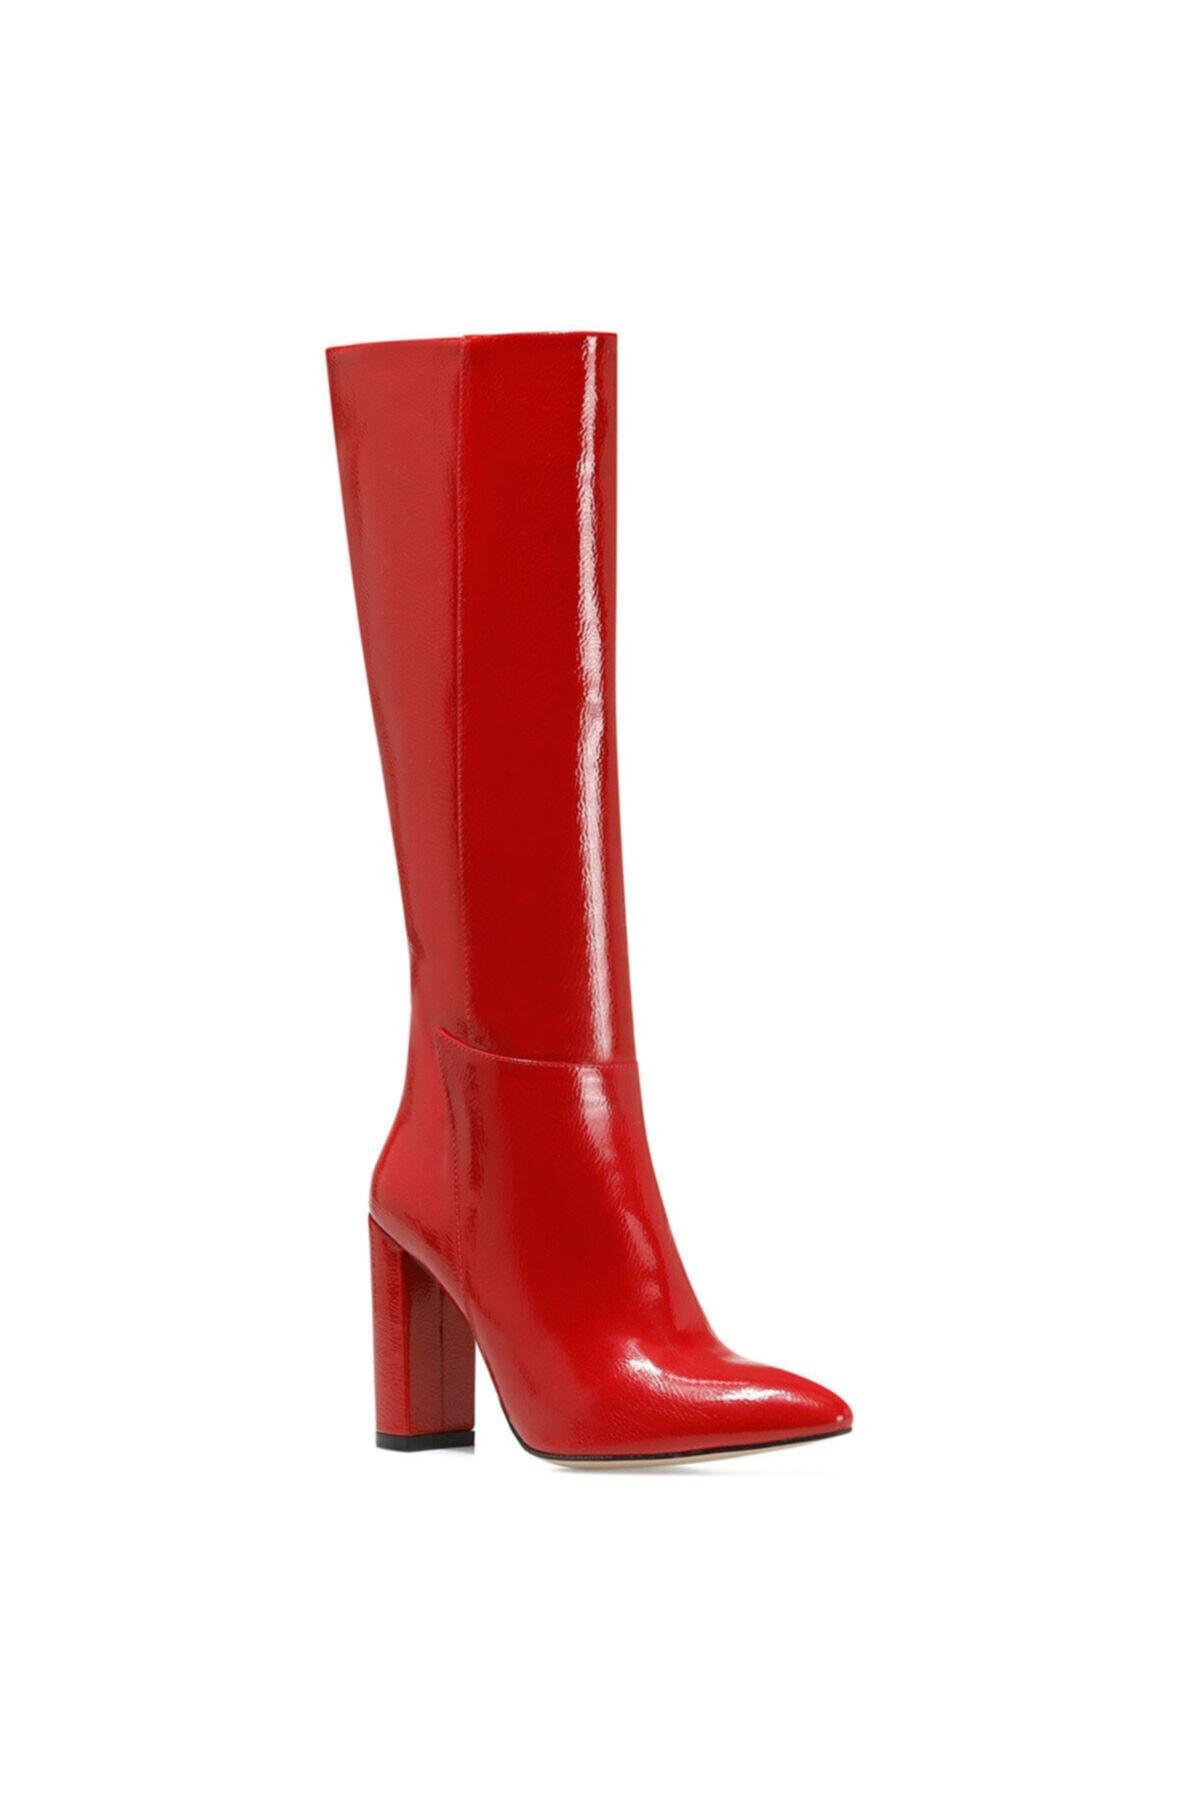 Nine West MIMA Kırmızı Kadın Ökçeli Çizme 100582031 2